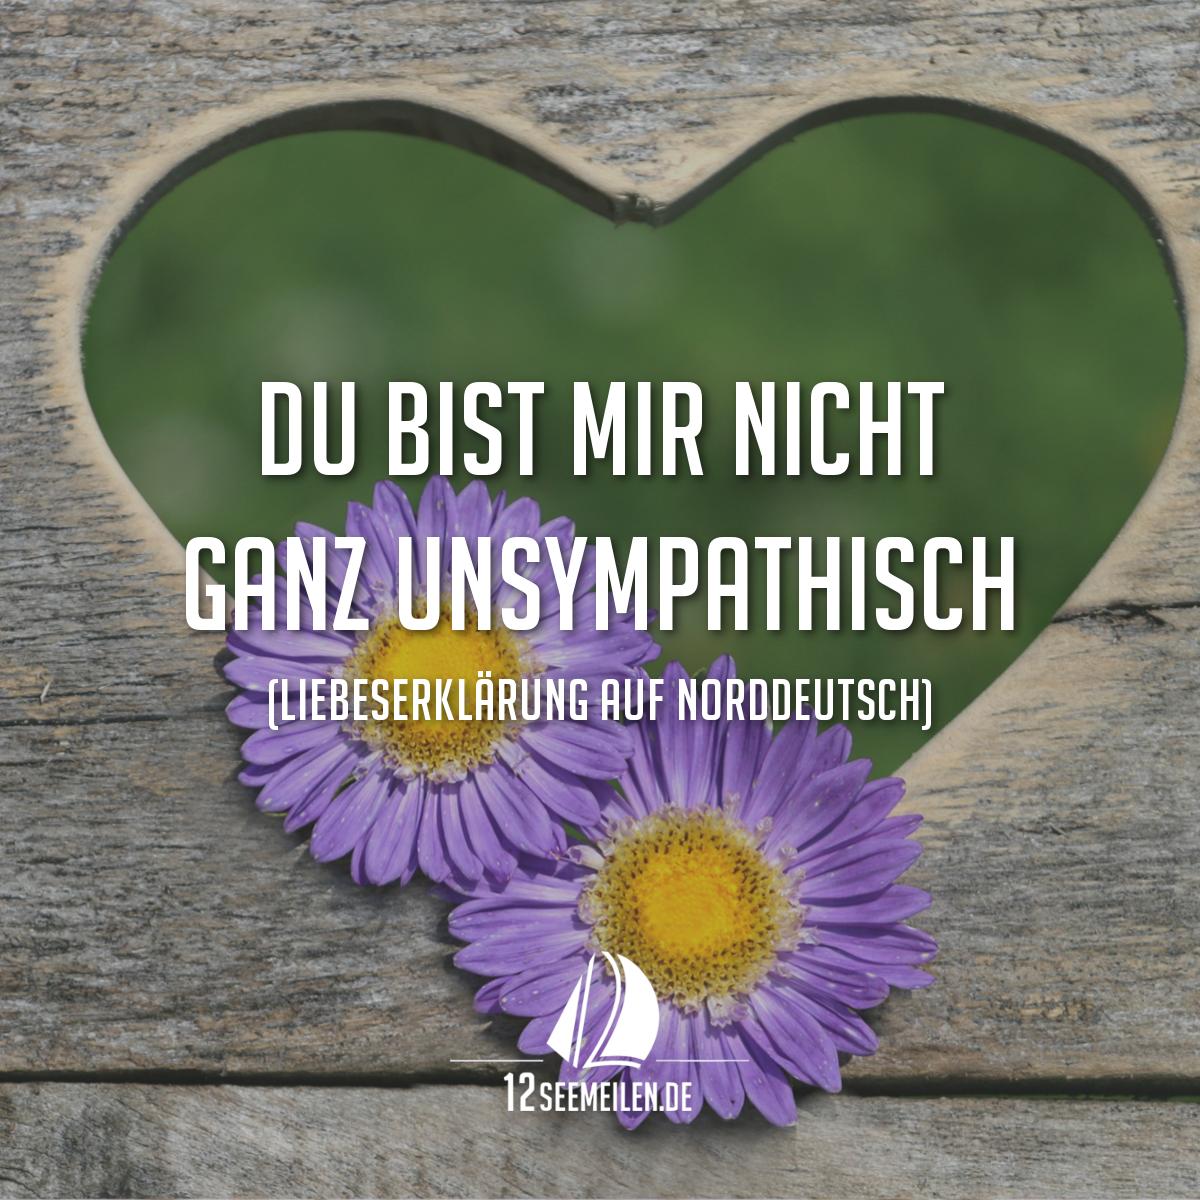 Du Bist Mir Nicht Ganz Unsympathisch. (Liebeserklärung Auf Norddeutsch) # Liebe #valentinstag